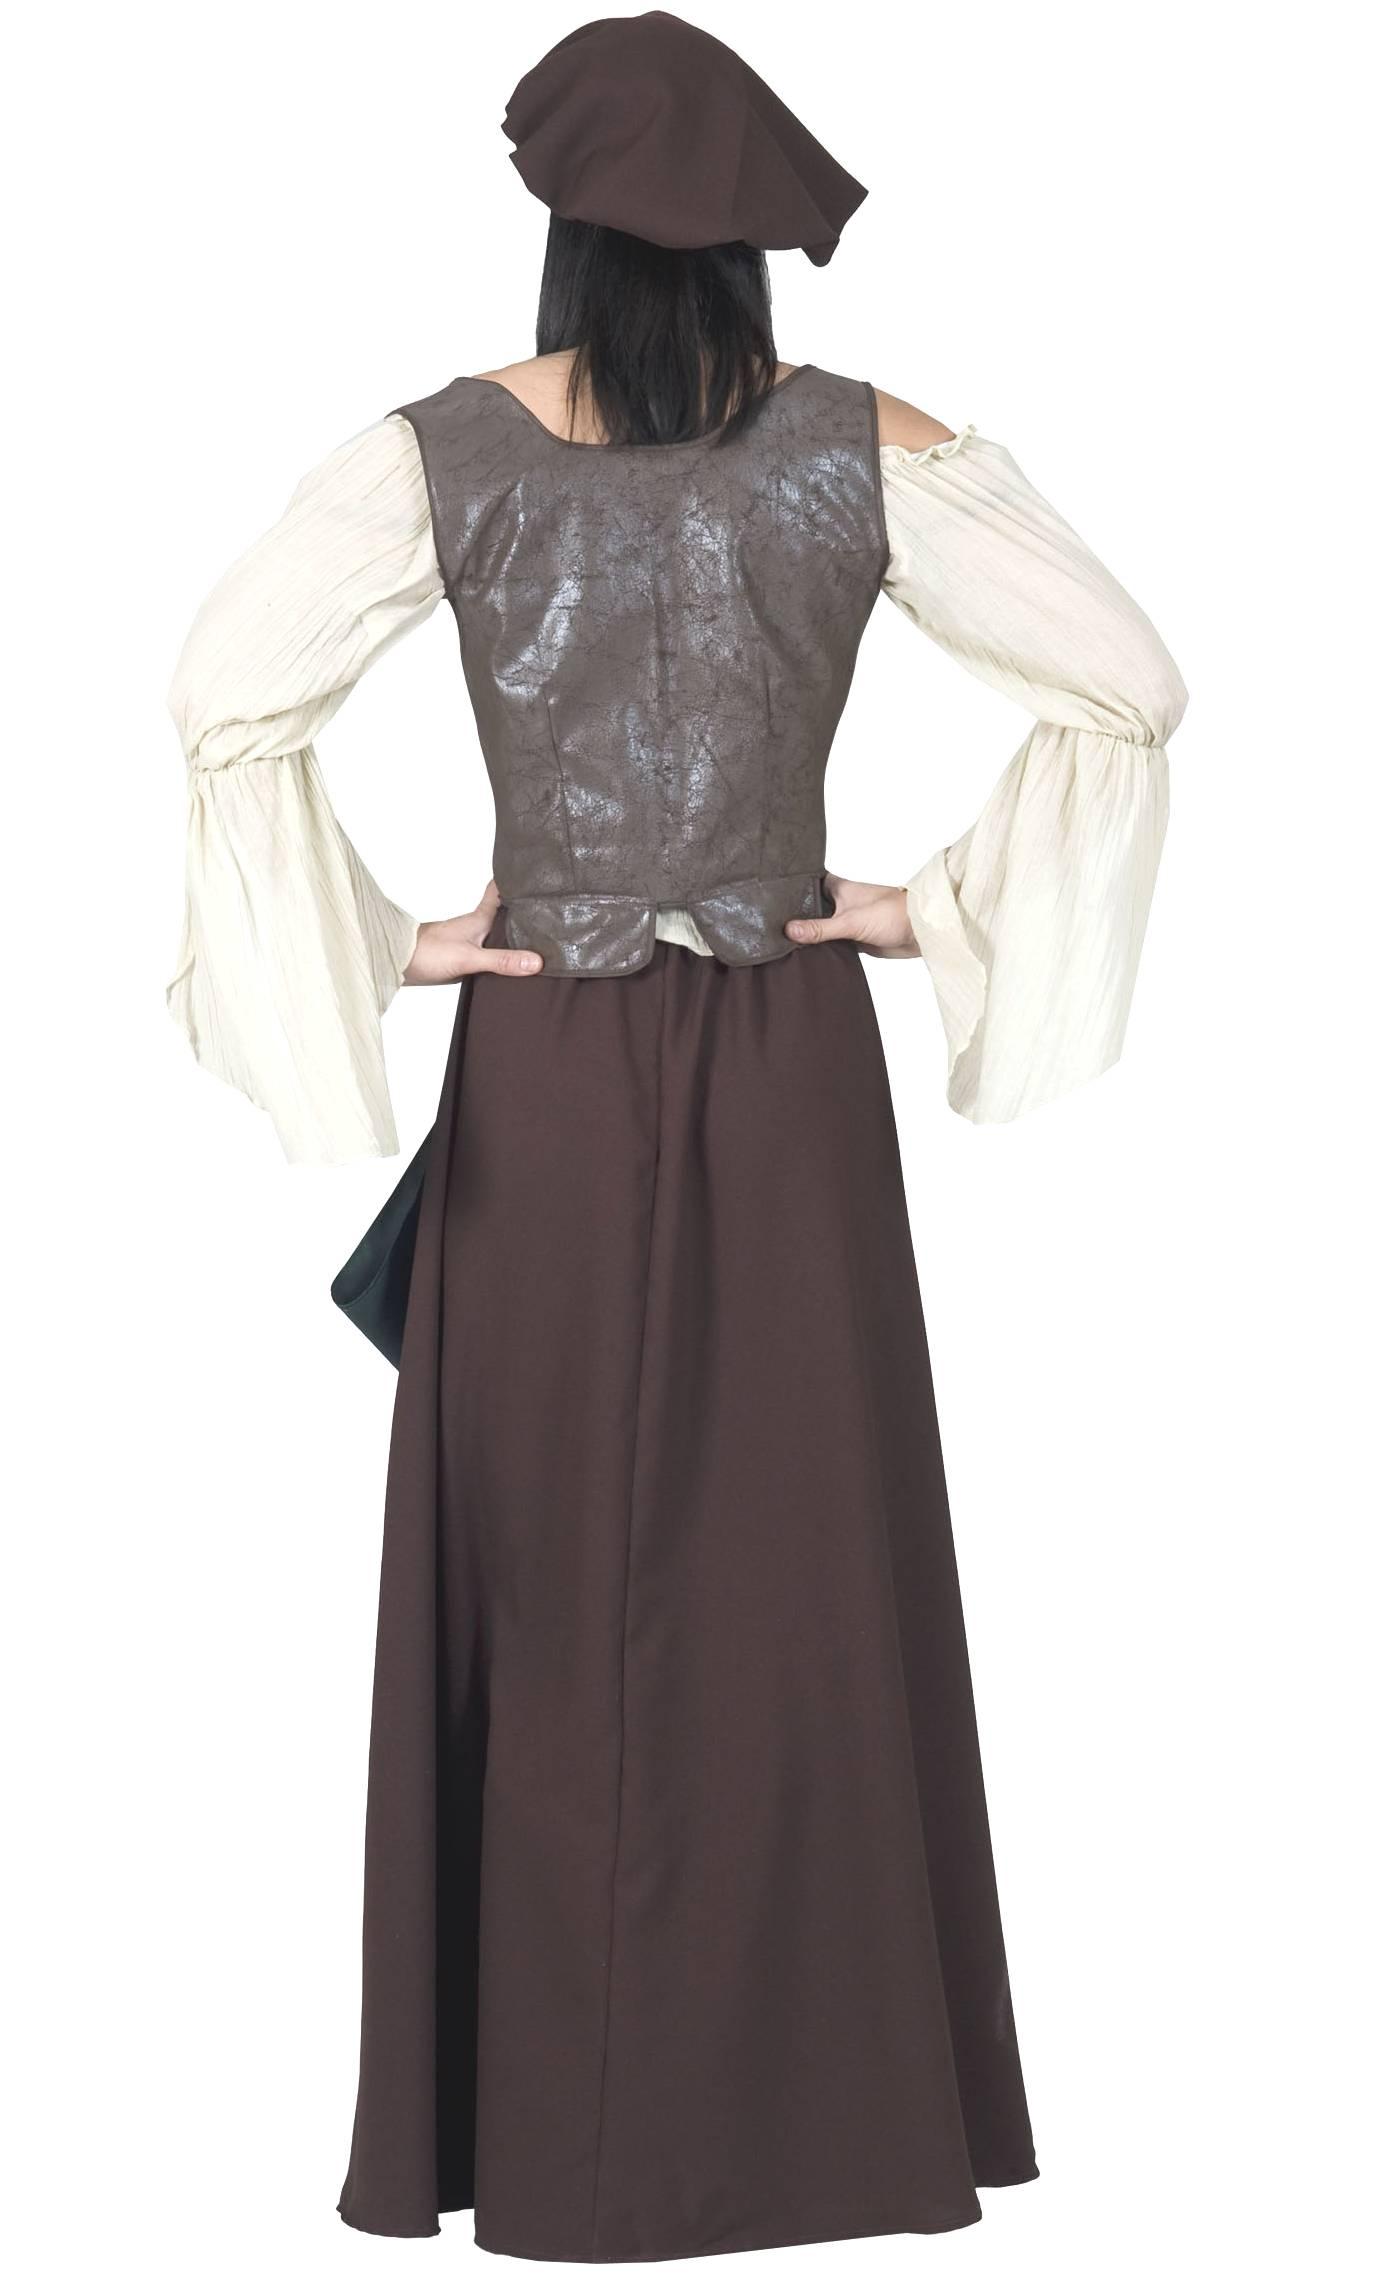 Costume-Médiévale-F28-2